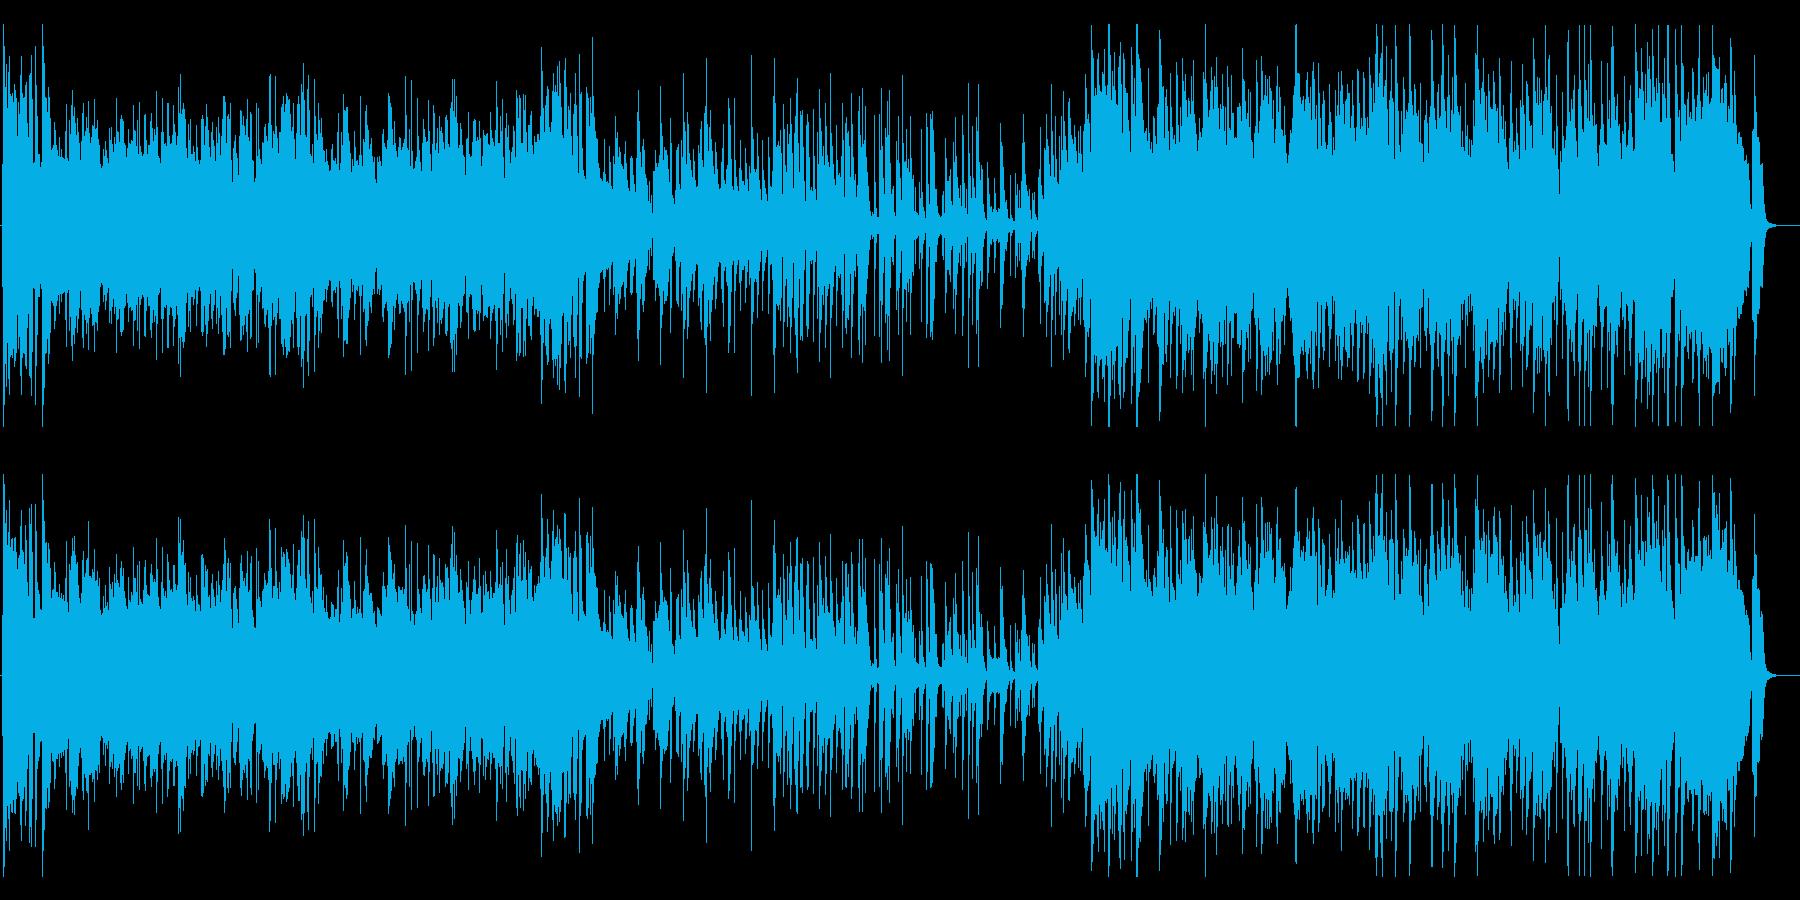 ブルース 陽気なジャズ風味 パーティーの再生済みの波形